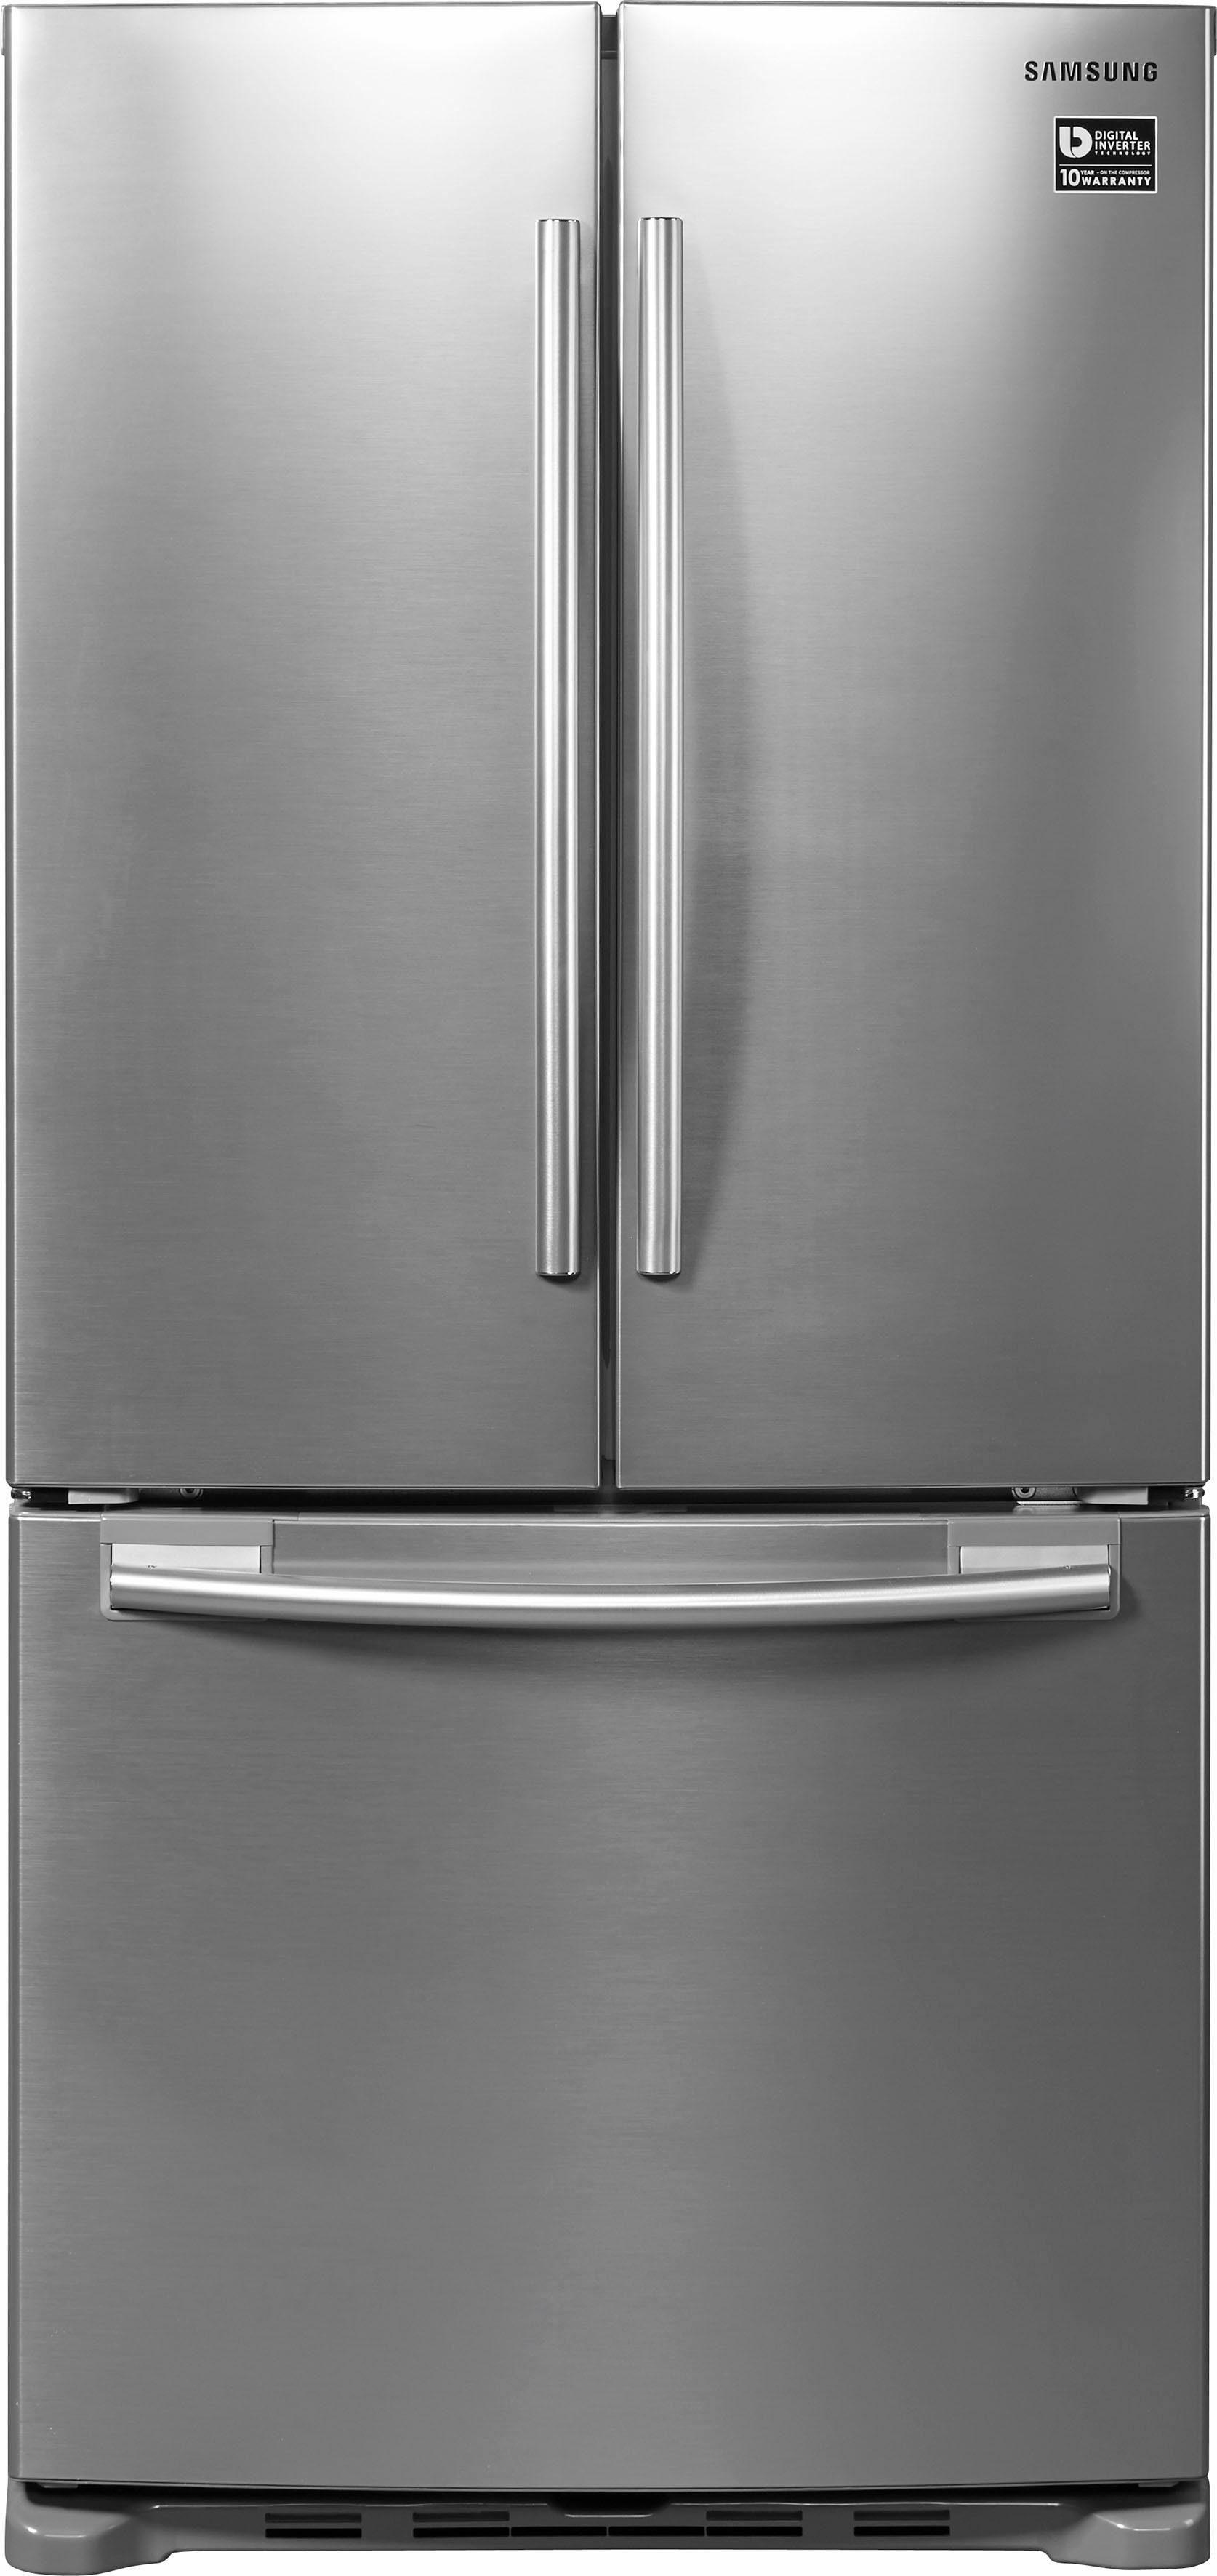 Samsung French Door Kühlschrank RF62HEPN1/XEF, A+, 108 cm hoch, NoFrost